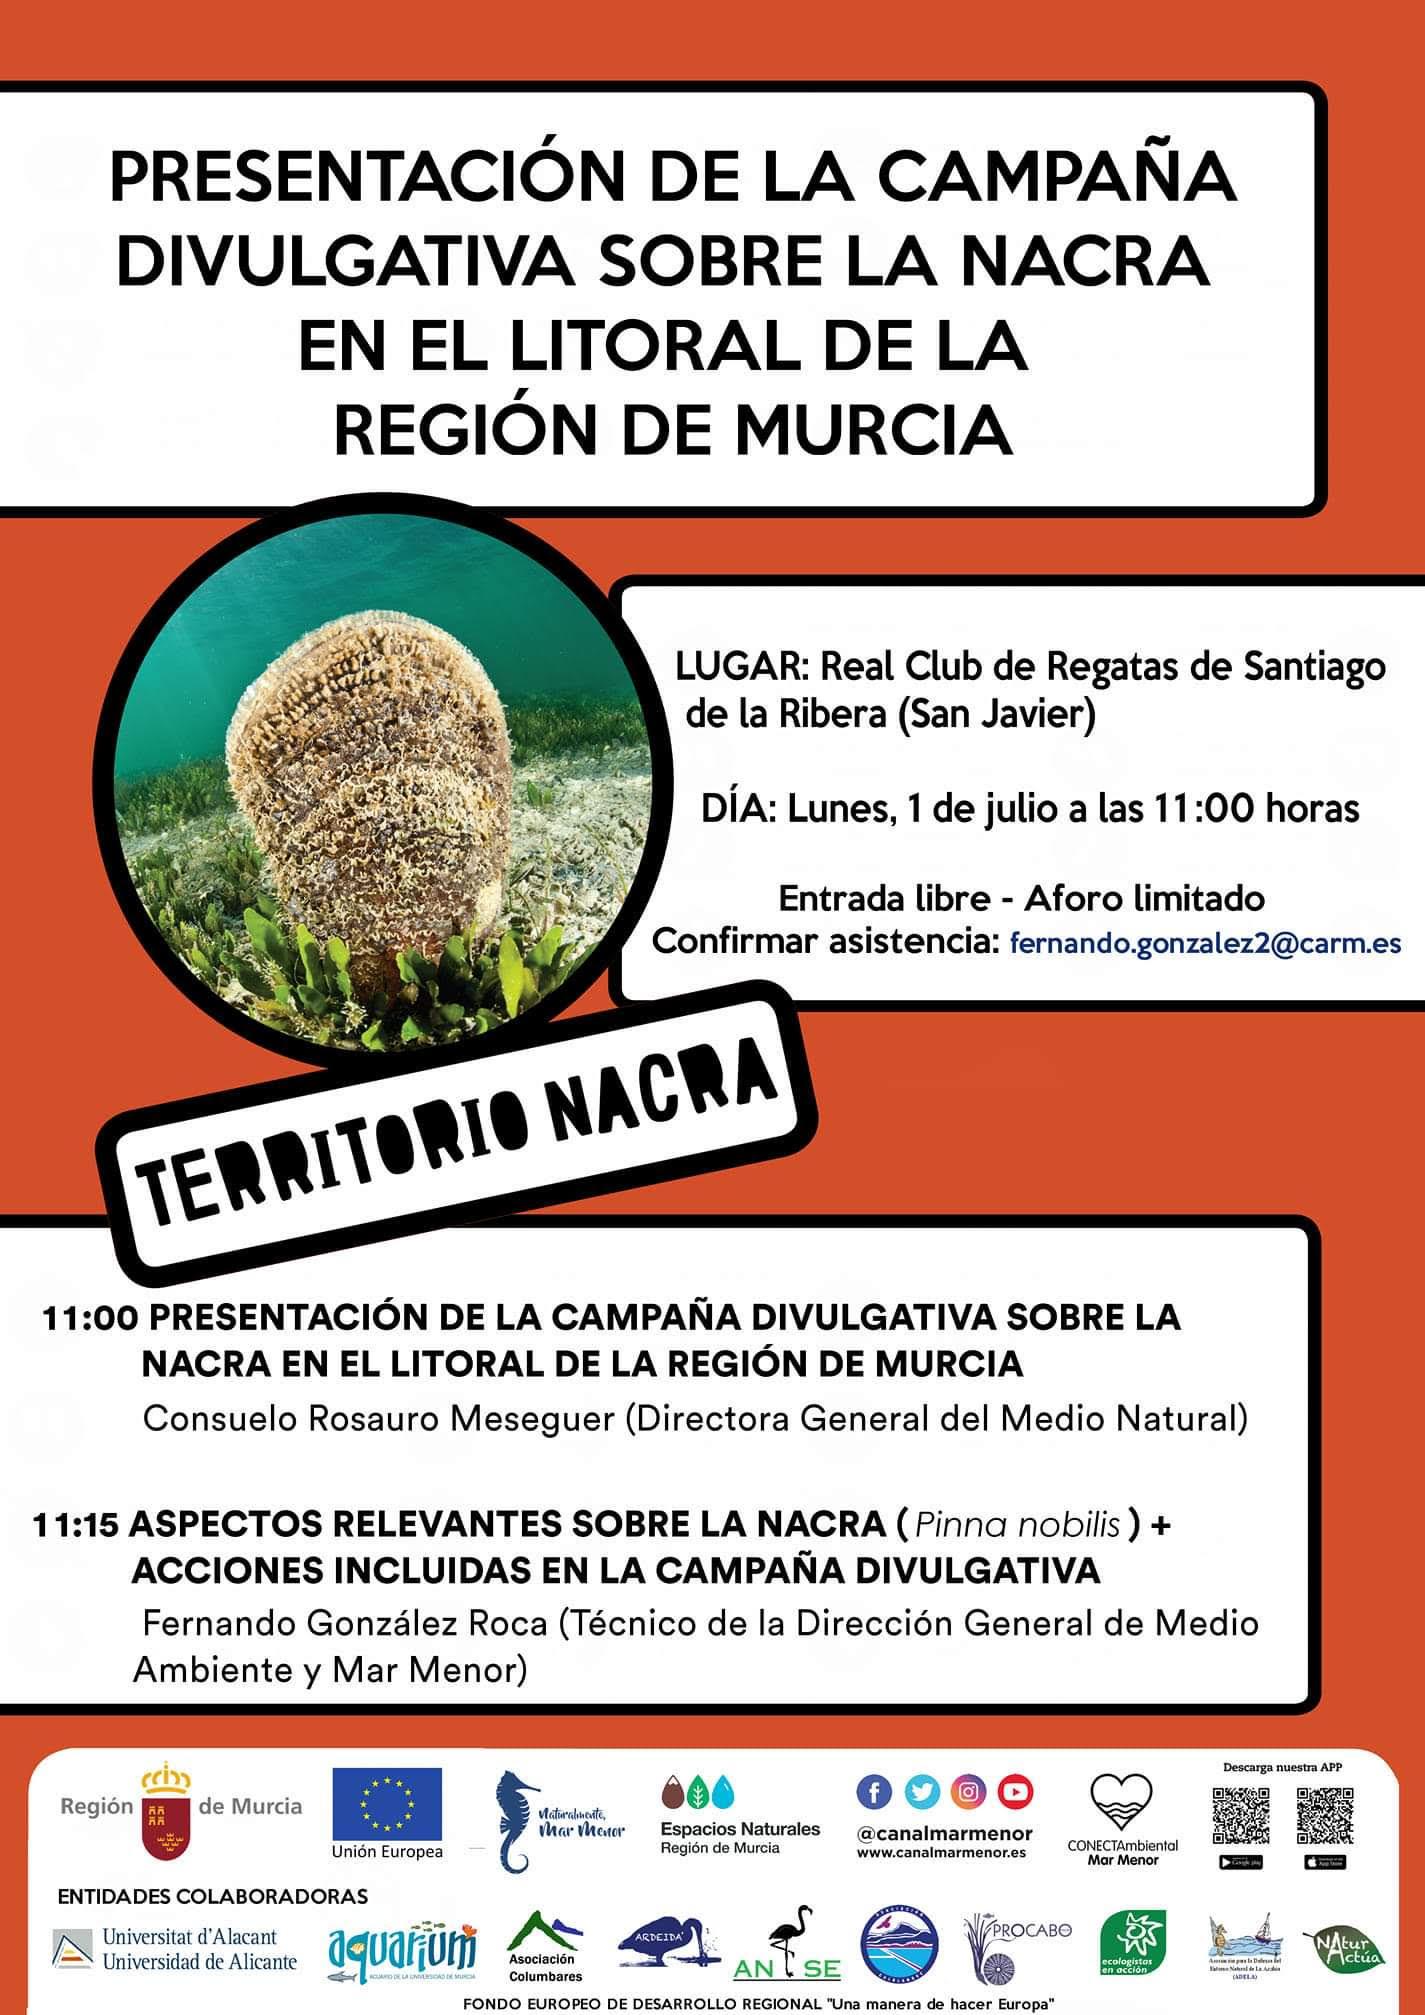 Presentación de la campaña divulgativa sobre la nacra en el litoral de la Región de Murcia, con la CARM